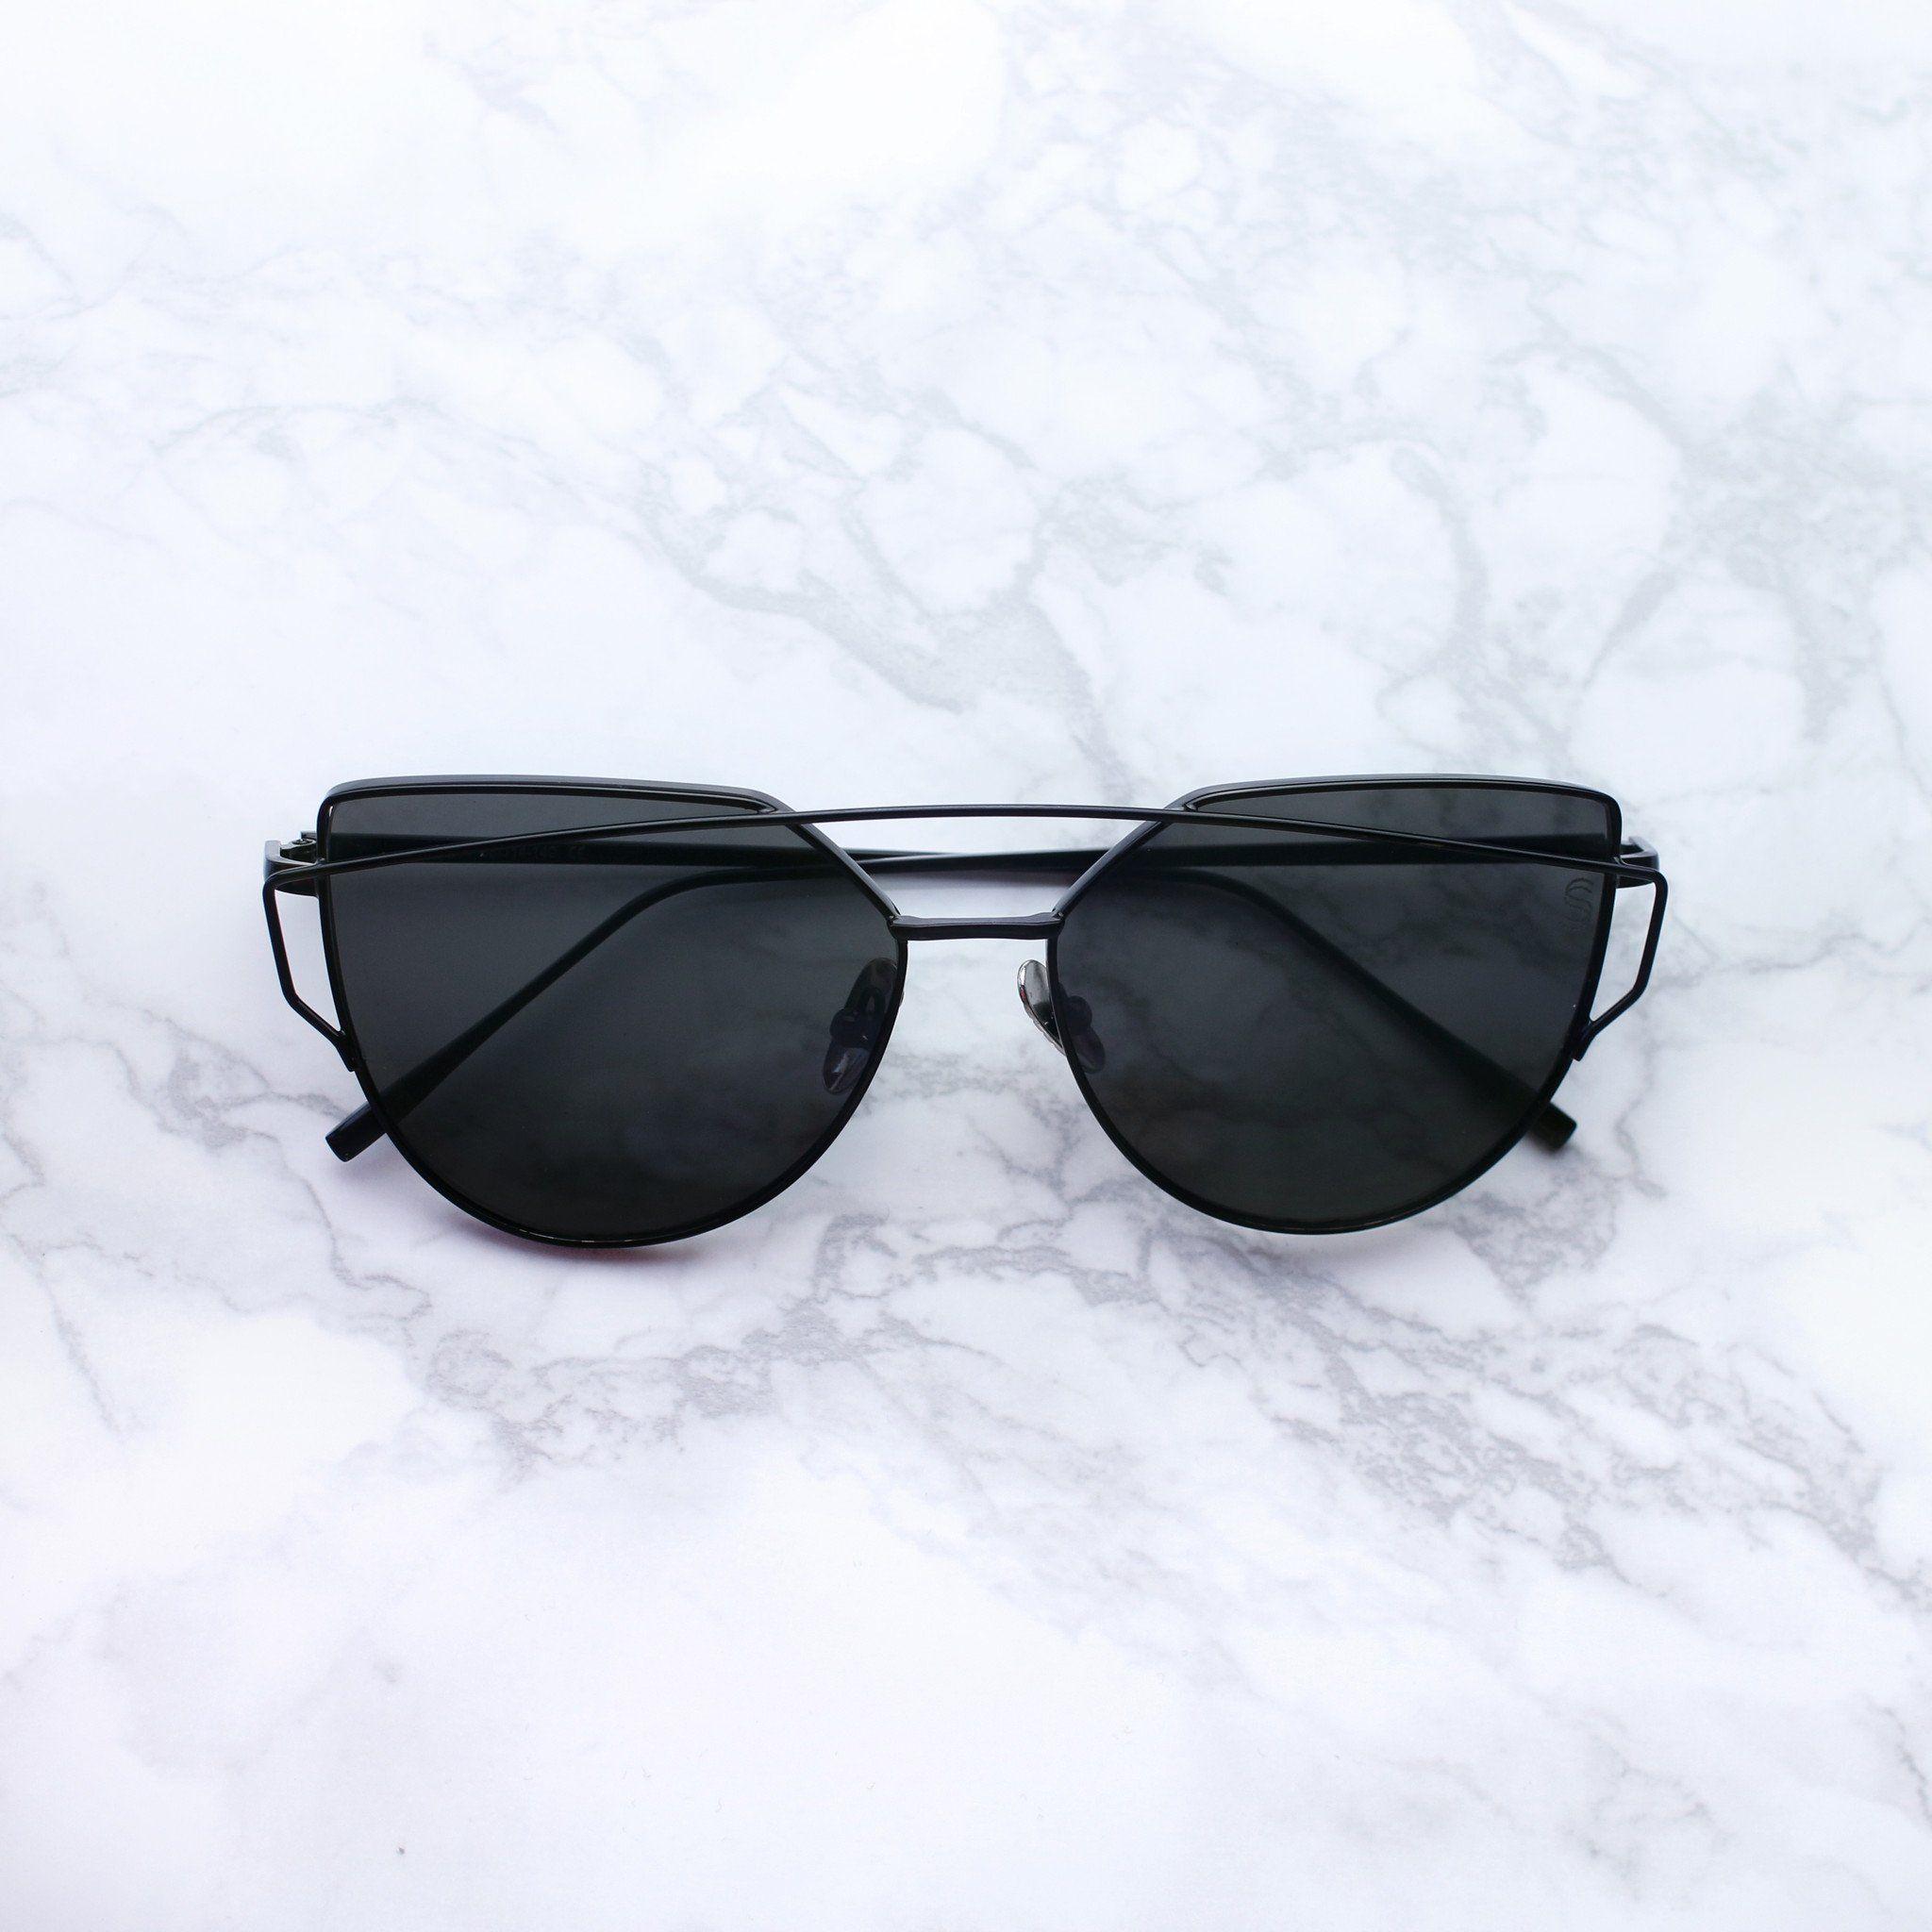 82613e599c32 Sequin Sand black double bar lenses cat eye sunglasses | Look ...